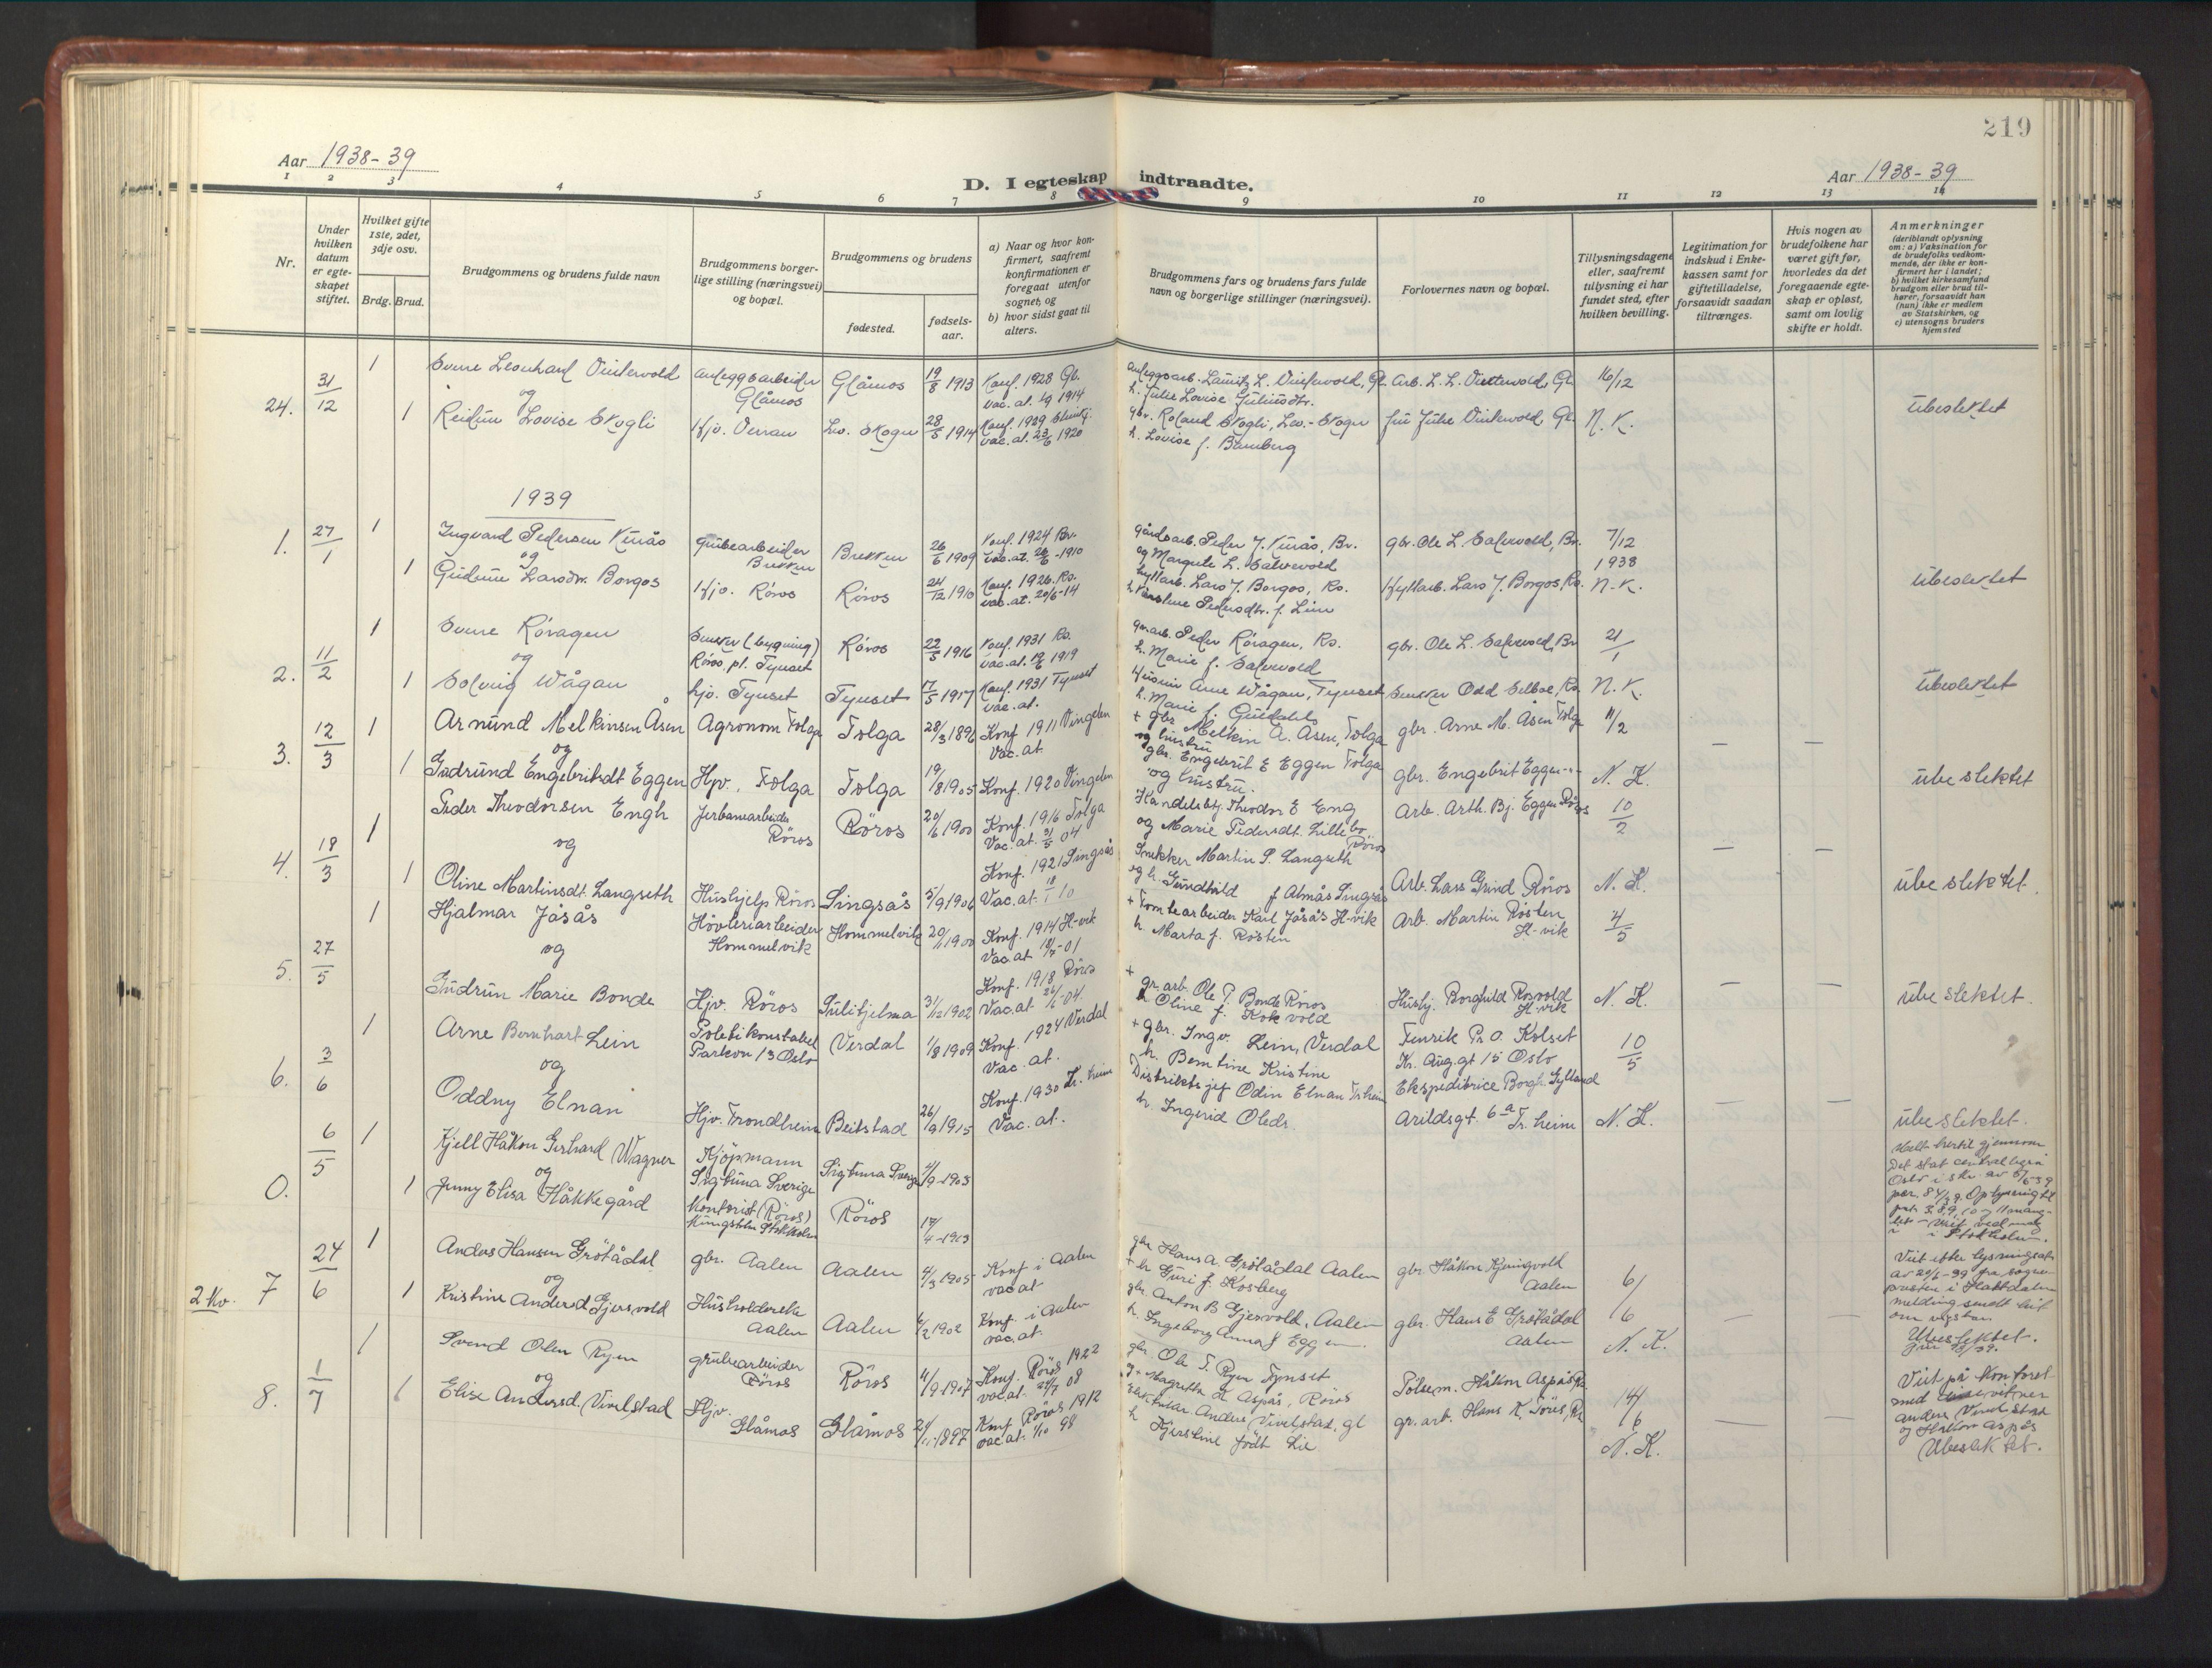 SAT, Ministerialprotokoller, klokkerbøker og fødselsregistre - Sør-Trøndelag, 681/L0943: Klokkerbok nr. 681C07, 1926-1954, s. 219